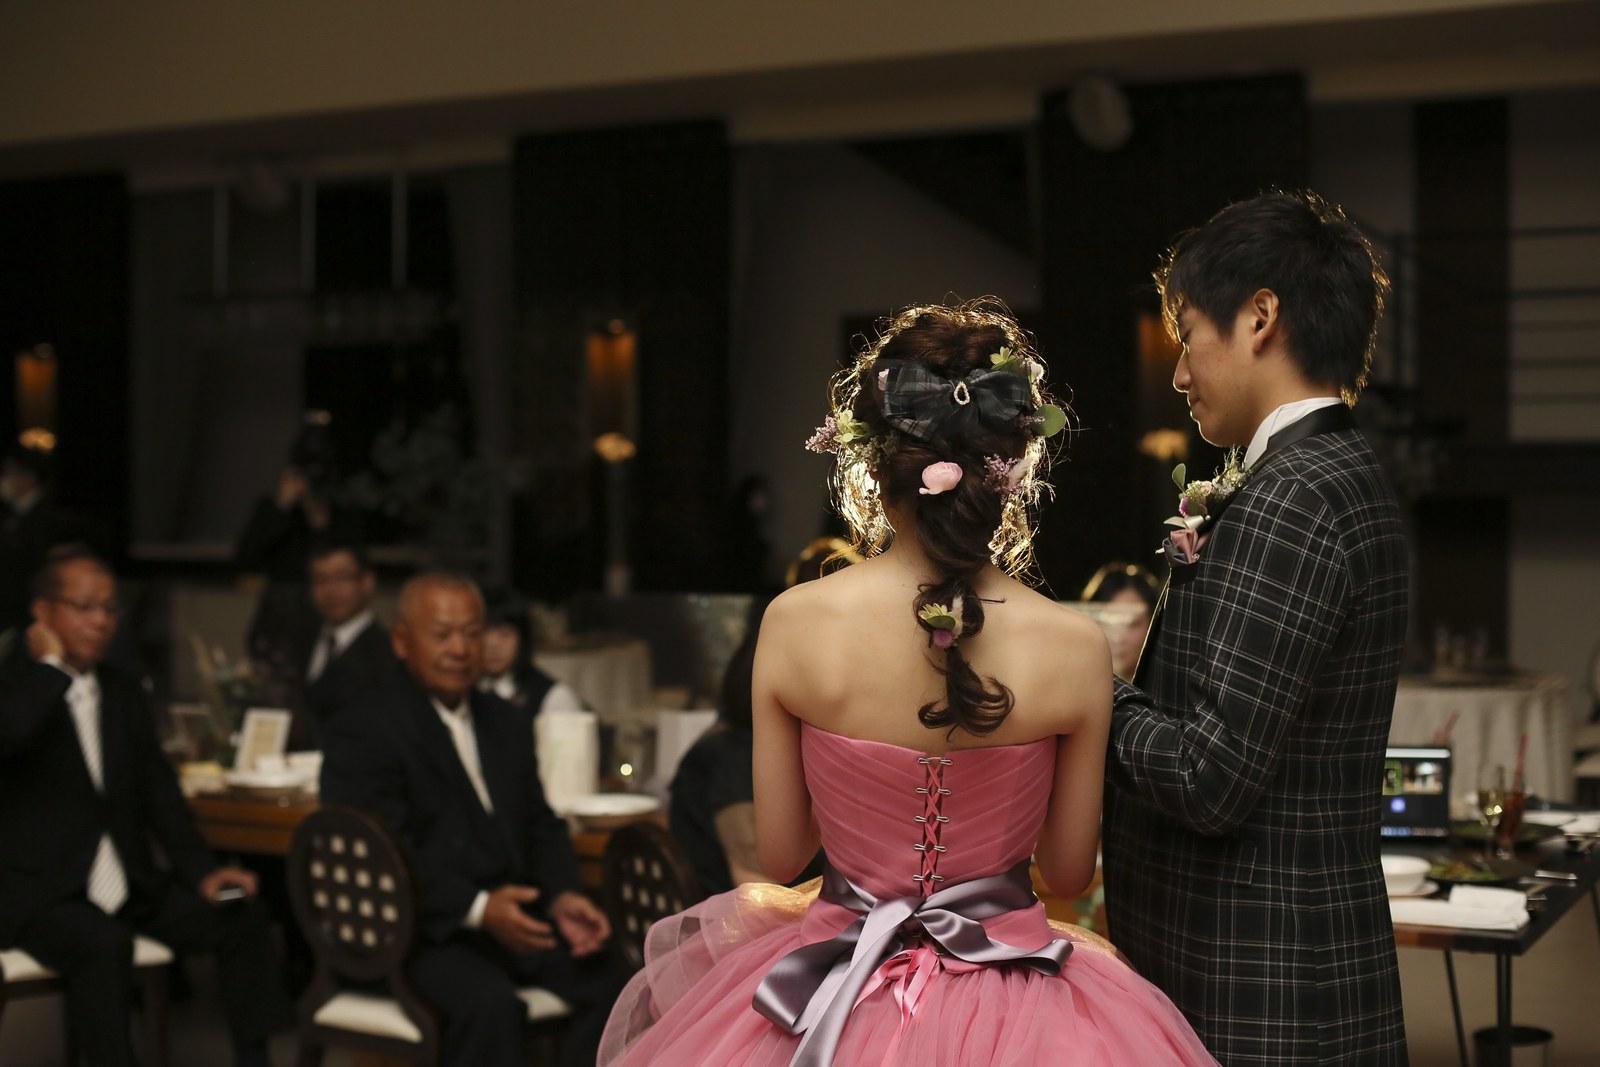 徳島県の結婚式場ブランアンジュで両親への感謝の手紙を読む新婦